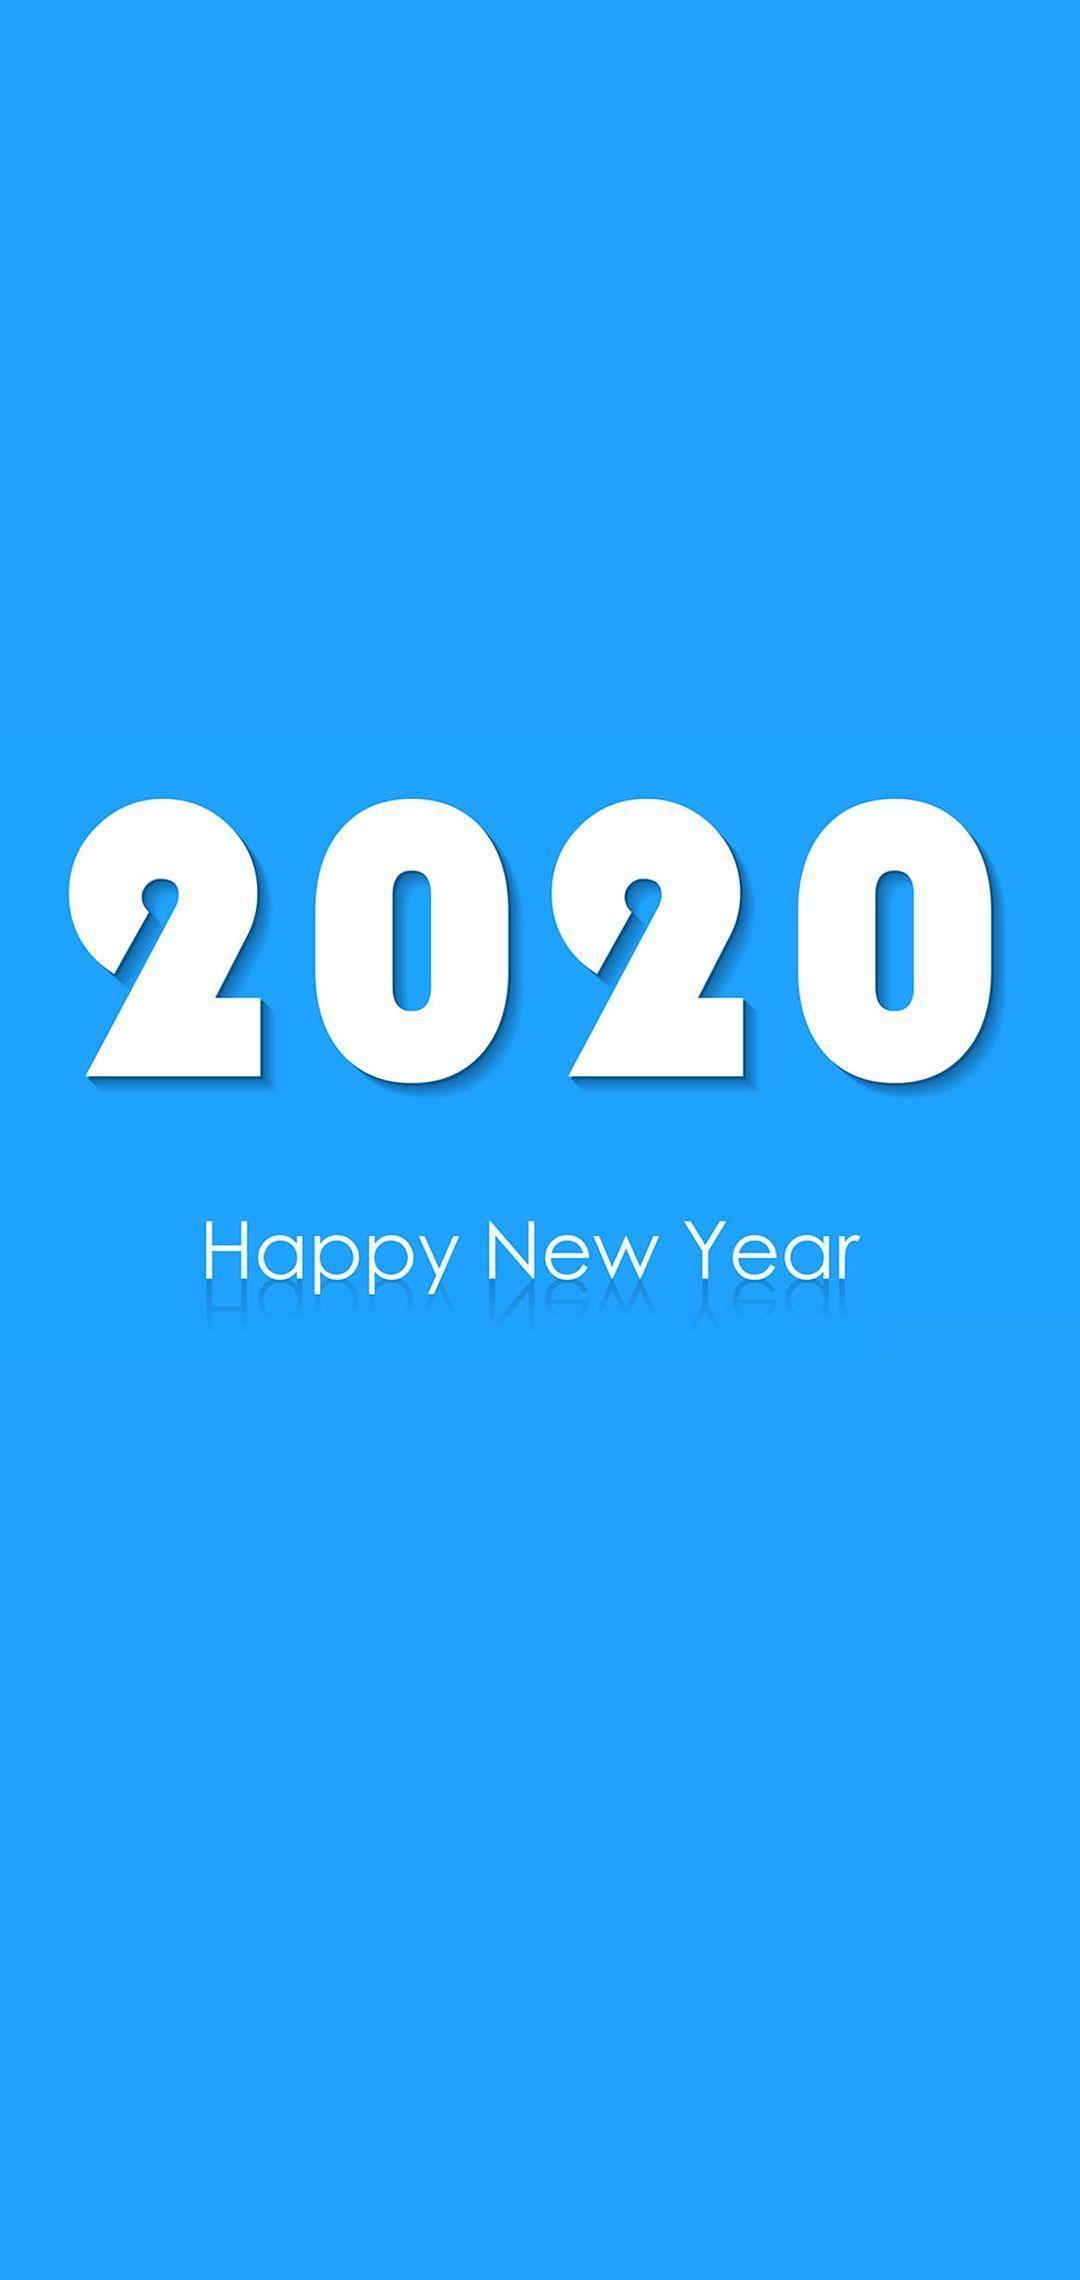 1080x2280 Happy New Year 2020 Hình nền điện thoại 09 - [1080x2280]